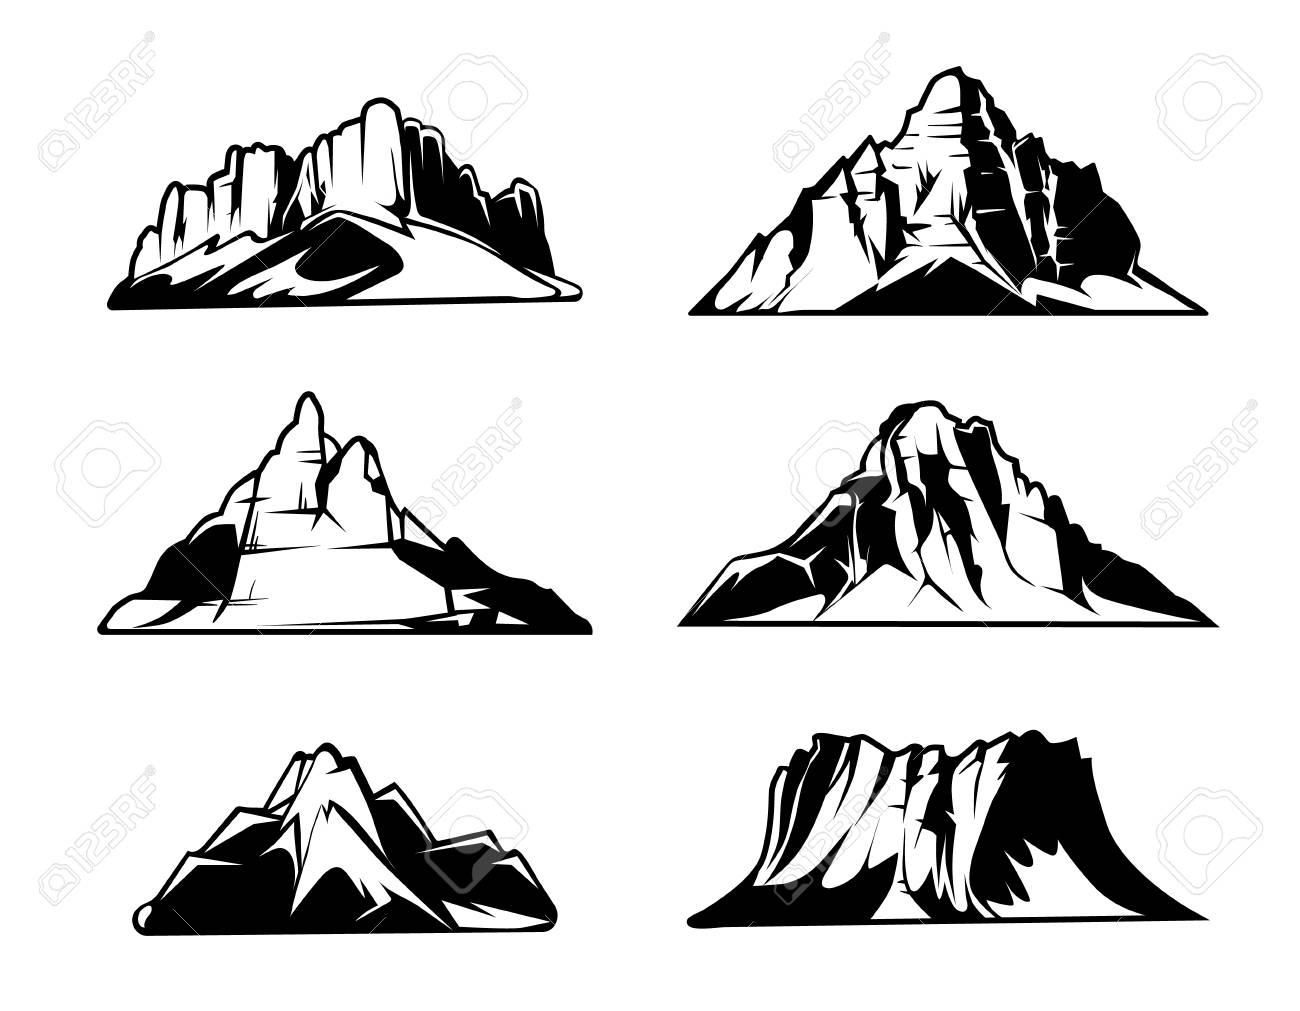 白黒山はベクトル シルエットです雪に覆われた山脈屋外デザイン要素セット